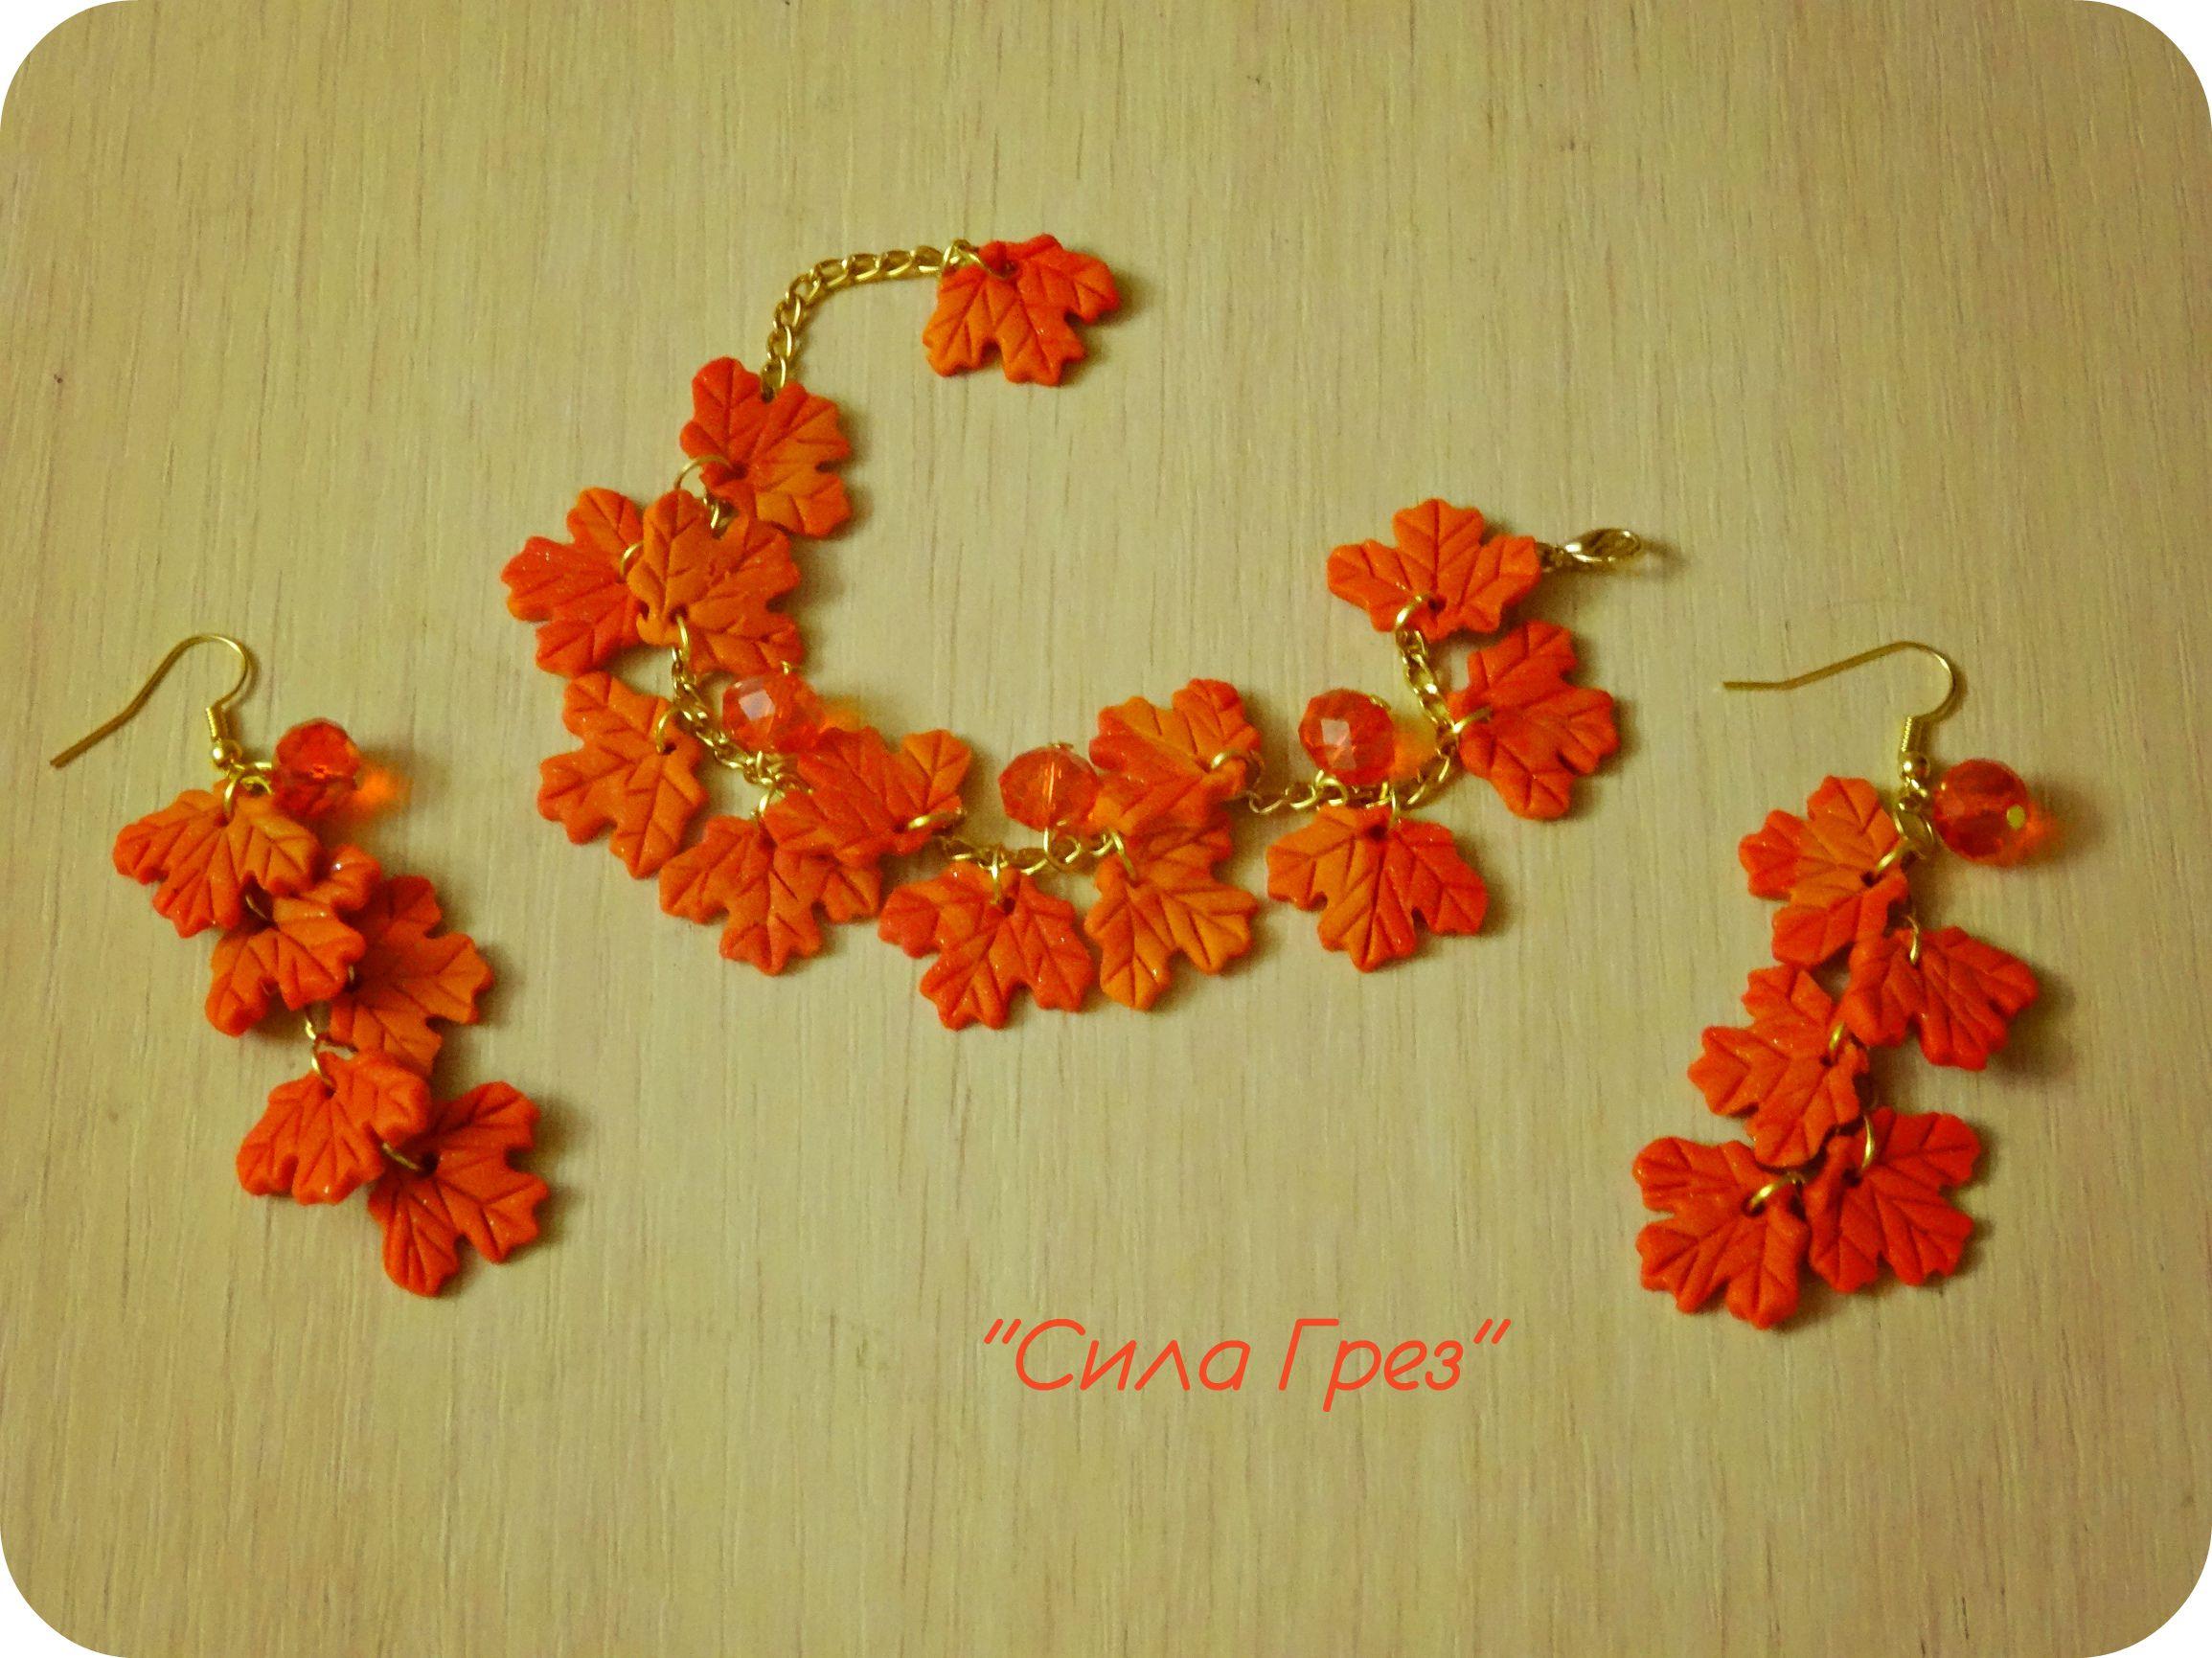 листья глина браслет серьги работа осень ручная украшение полимерная оранжевый клен